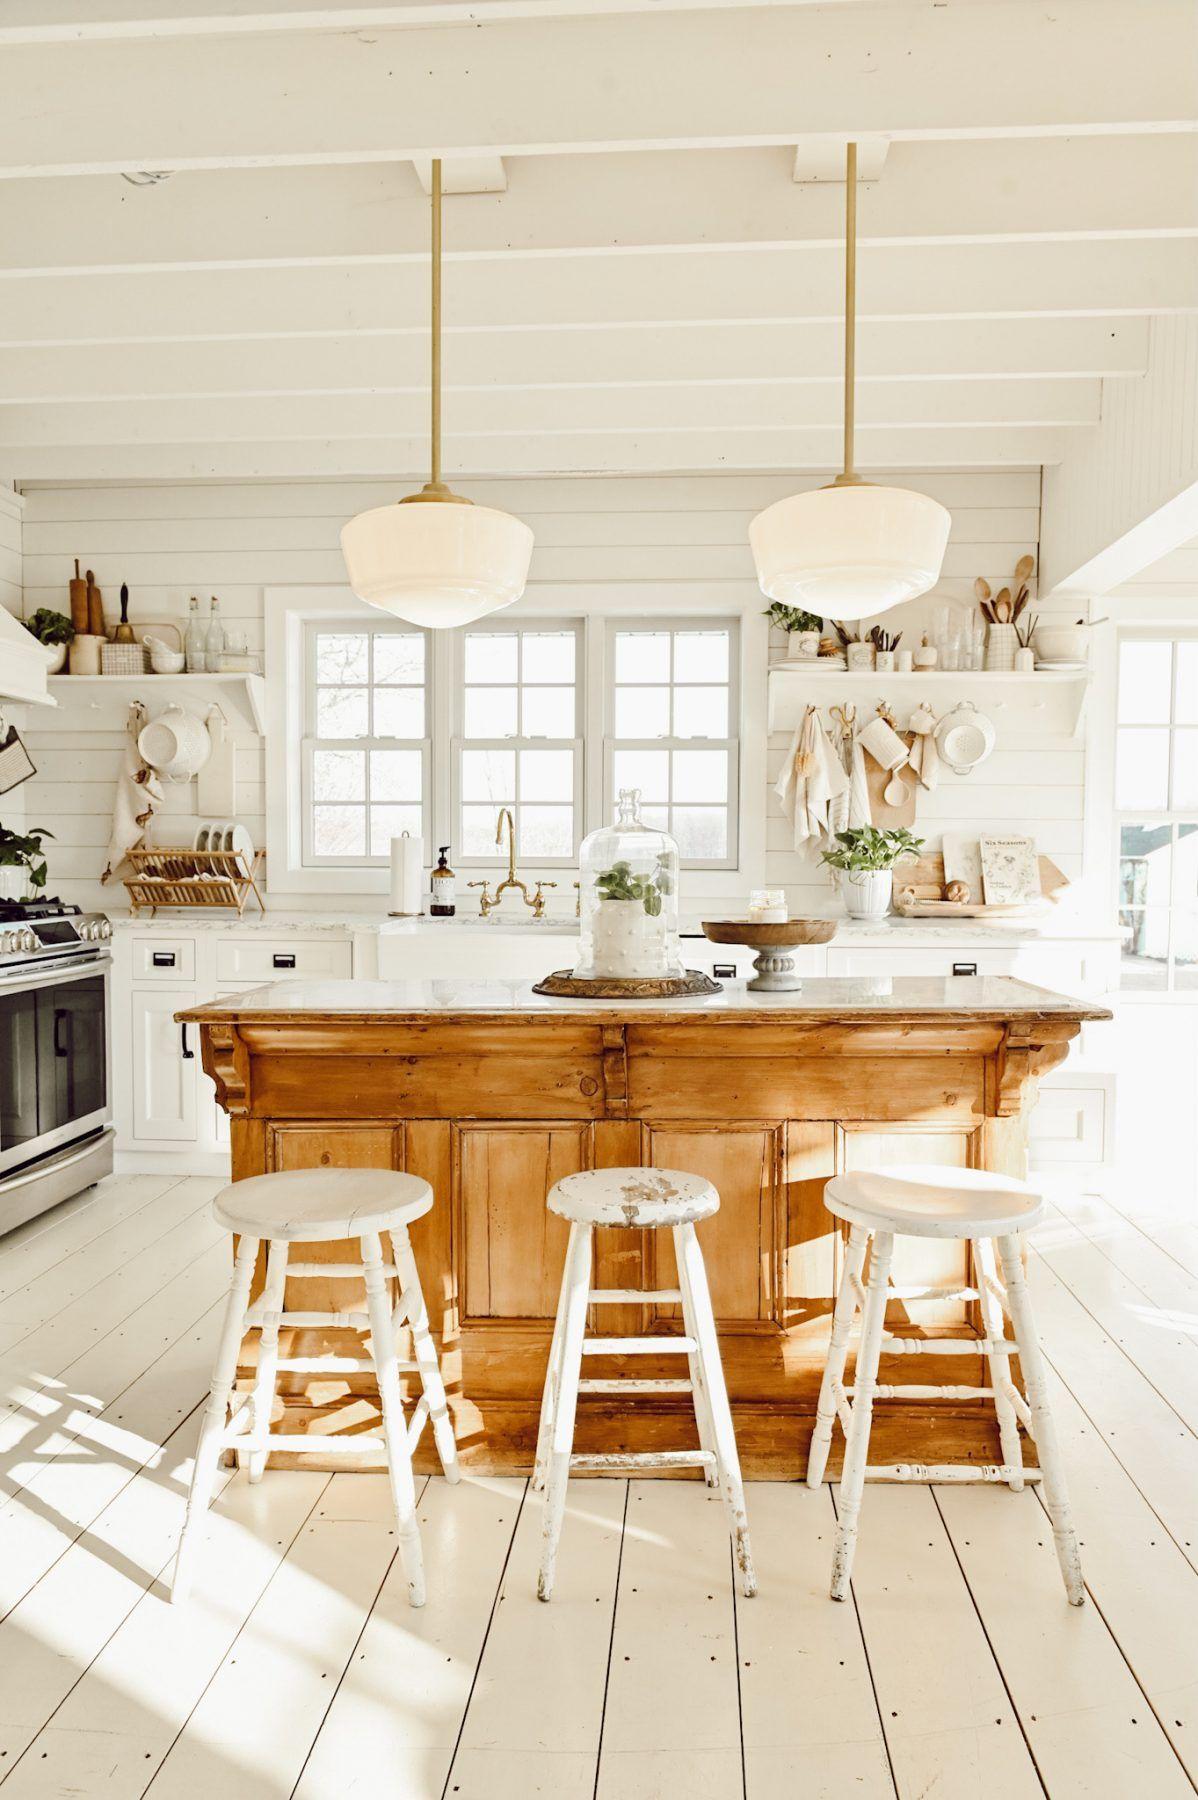 cozy winter kitchen in 2020 | cozy kitchen, kitchen